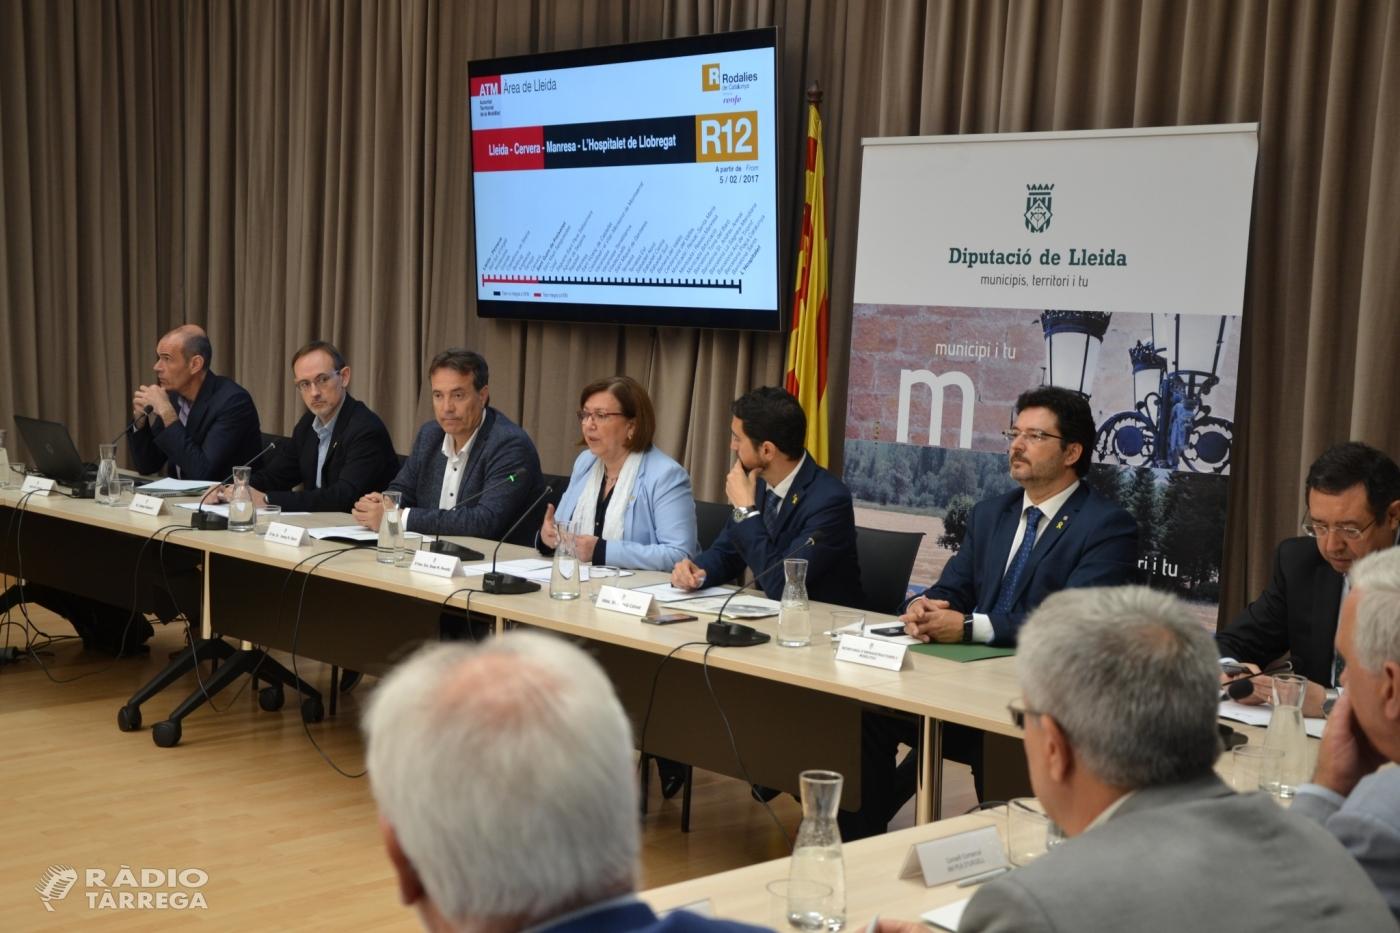 Generalitat i 'Plataforma per a la millora de la línia de tren Lleida-Manresa' fan un front comú per defensar la modernització i el traspàs complet de la R12